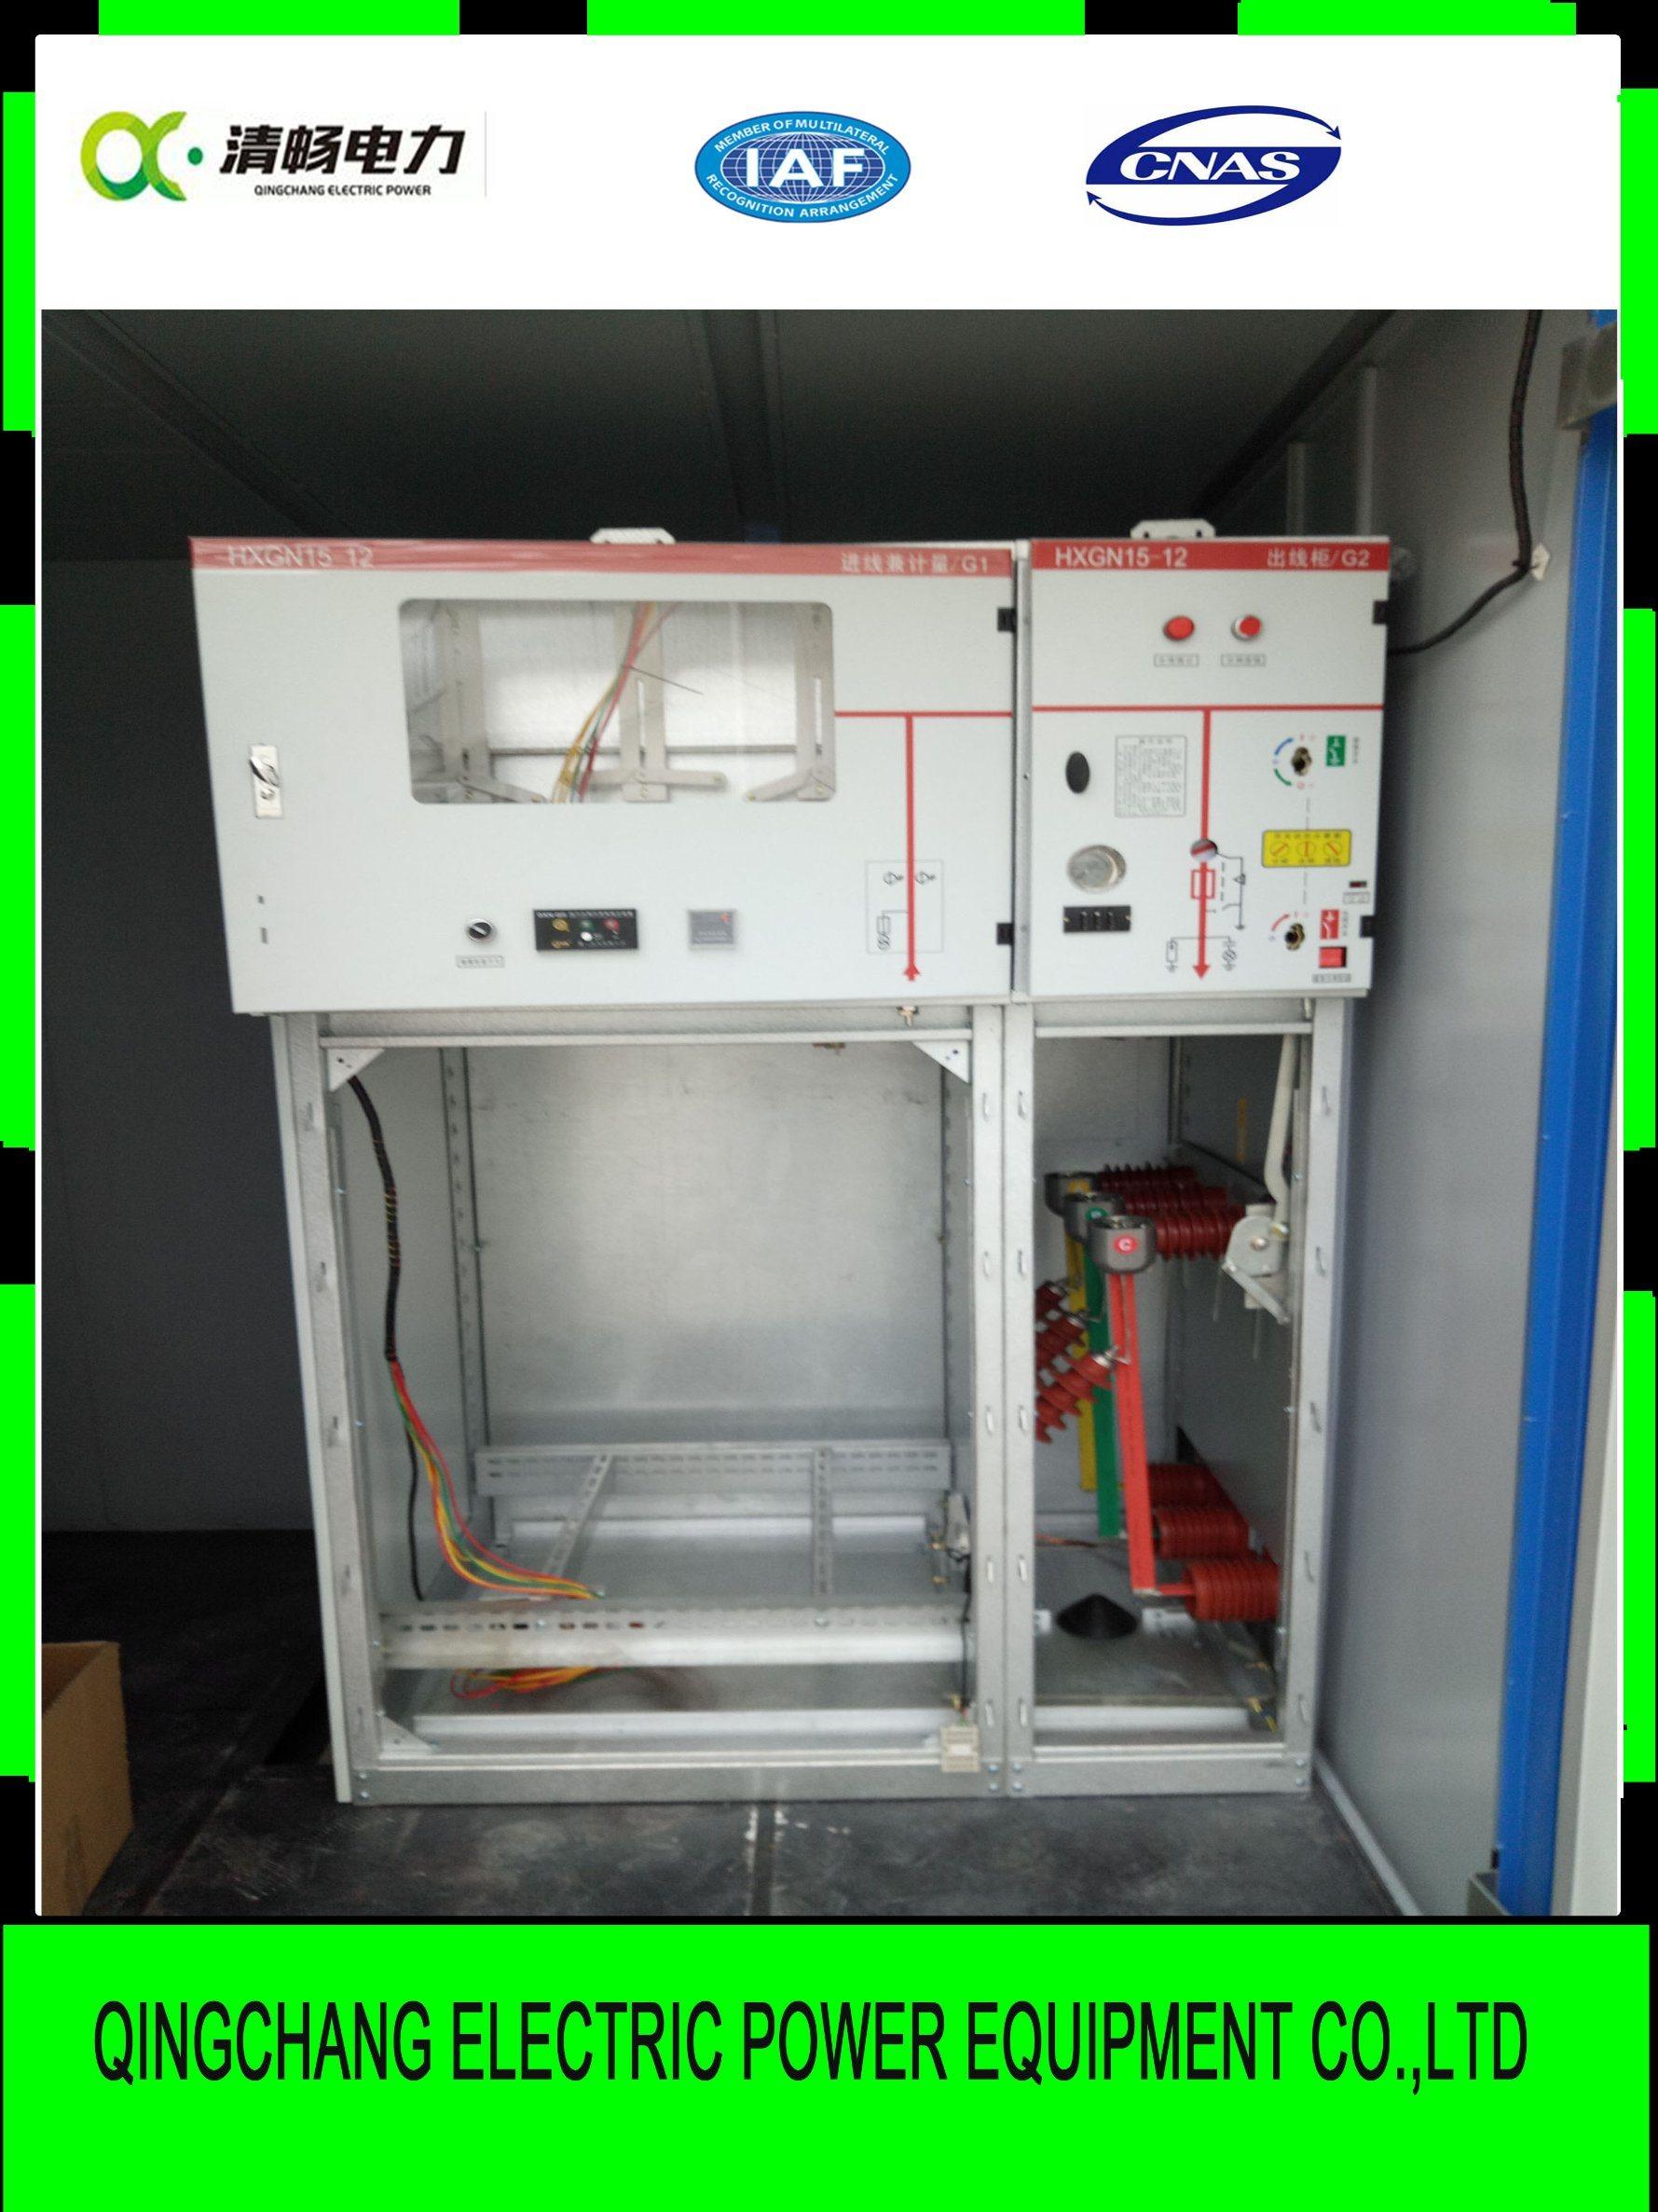 Hxgn15-12 Medium Voltage Ring Main Unit